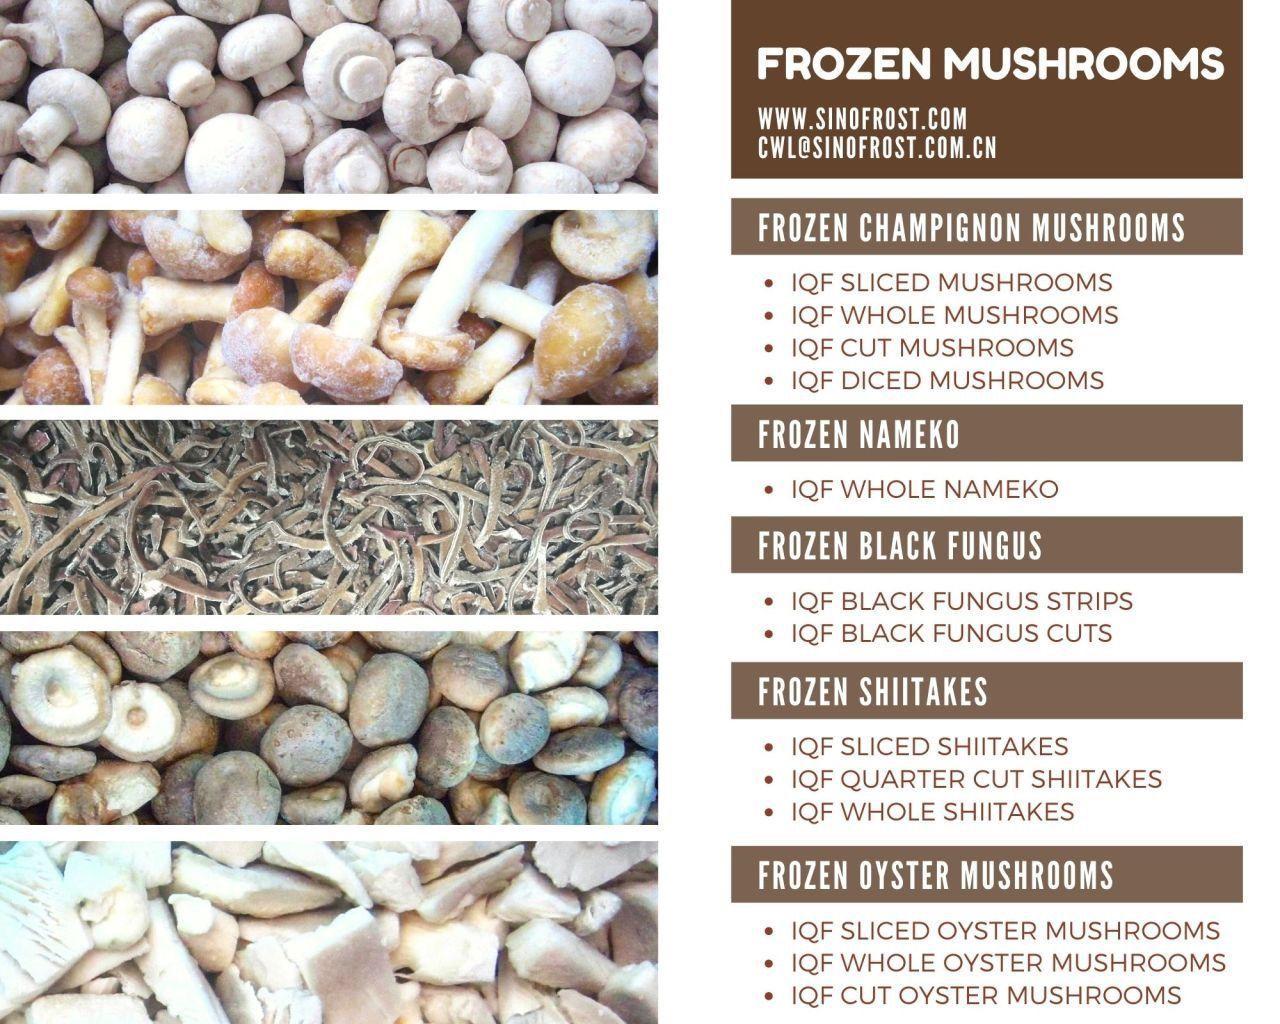 冷凍平菇,速凍平菇,條/塊 6